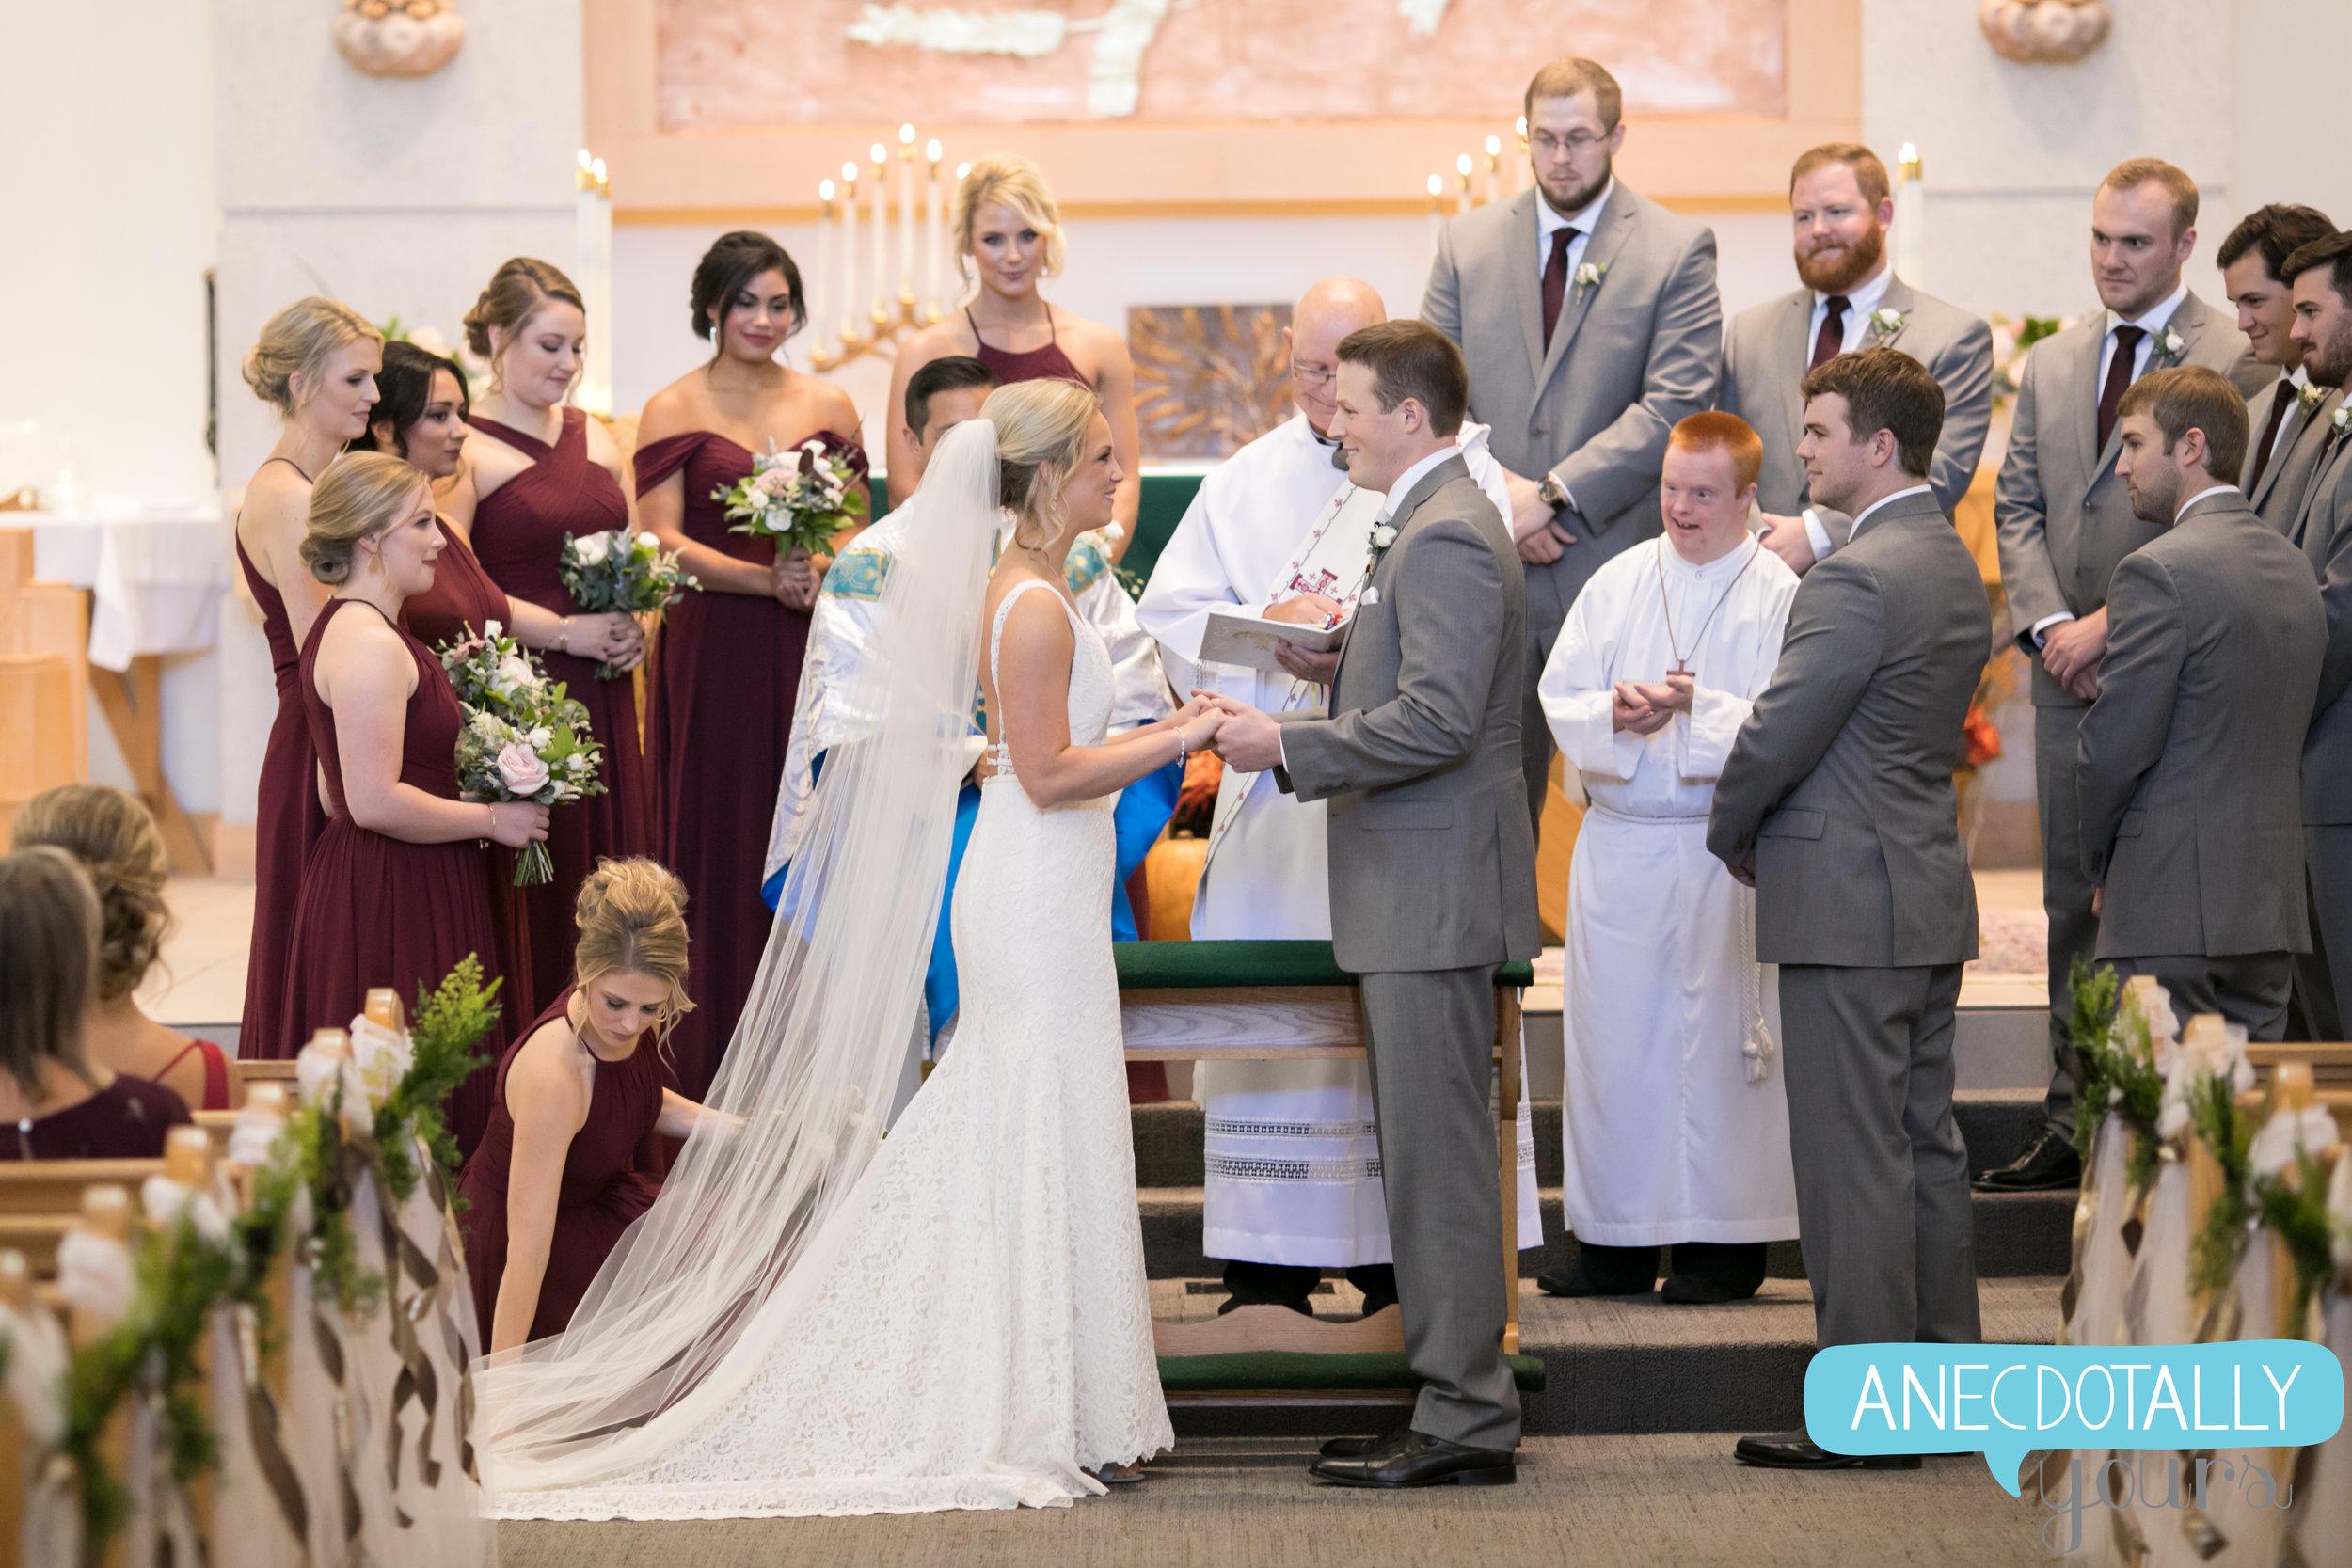 mildale-farm-wedding-74.jpg